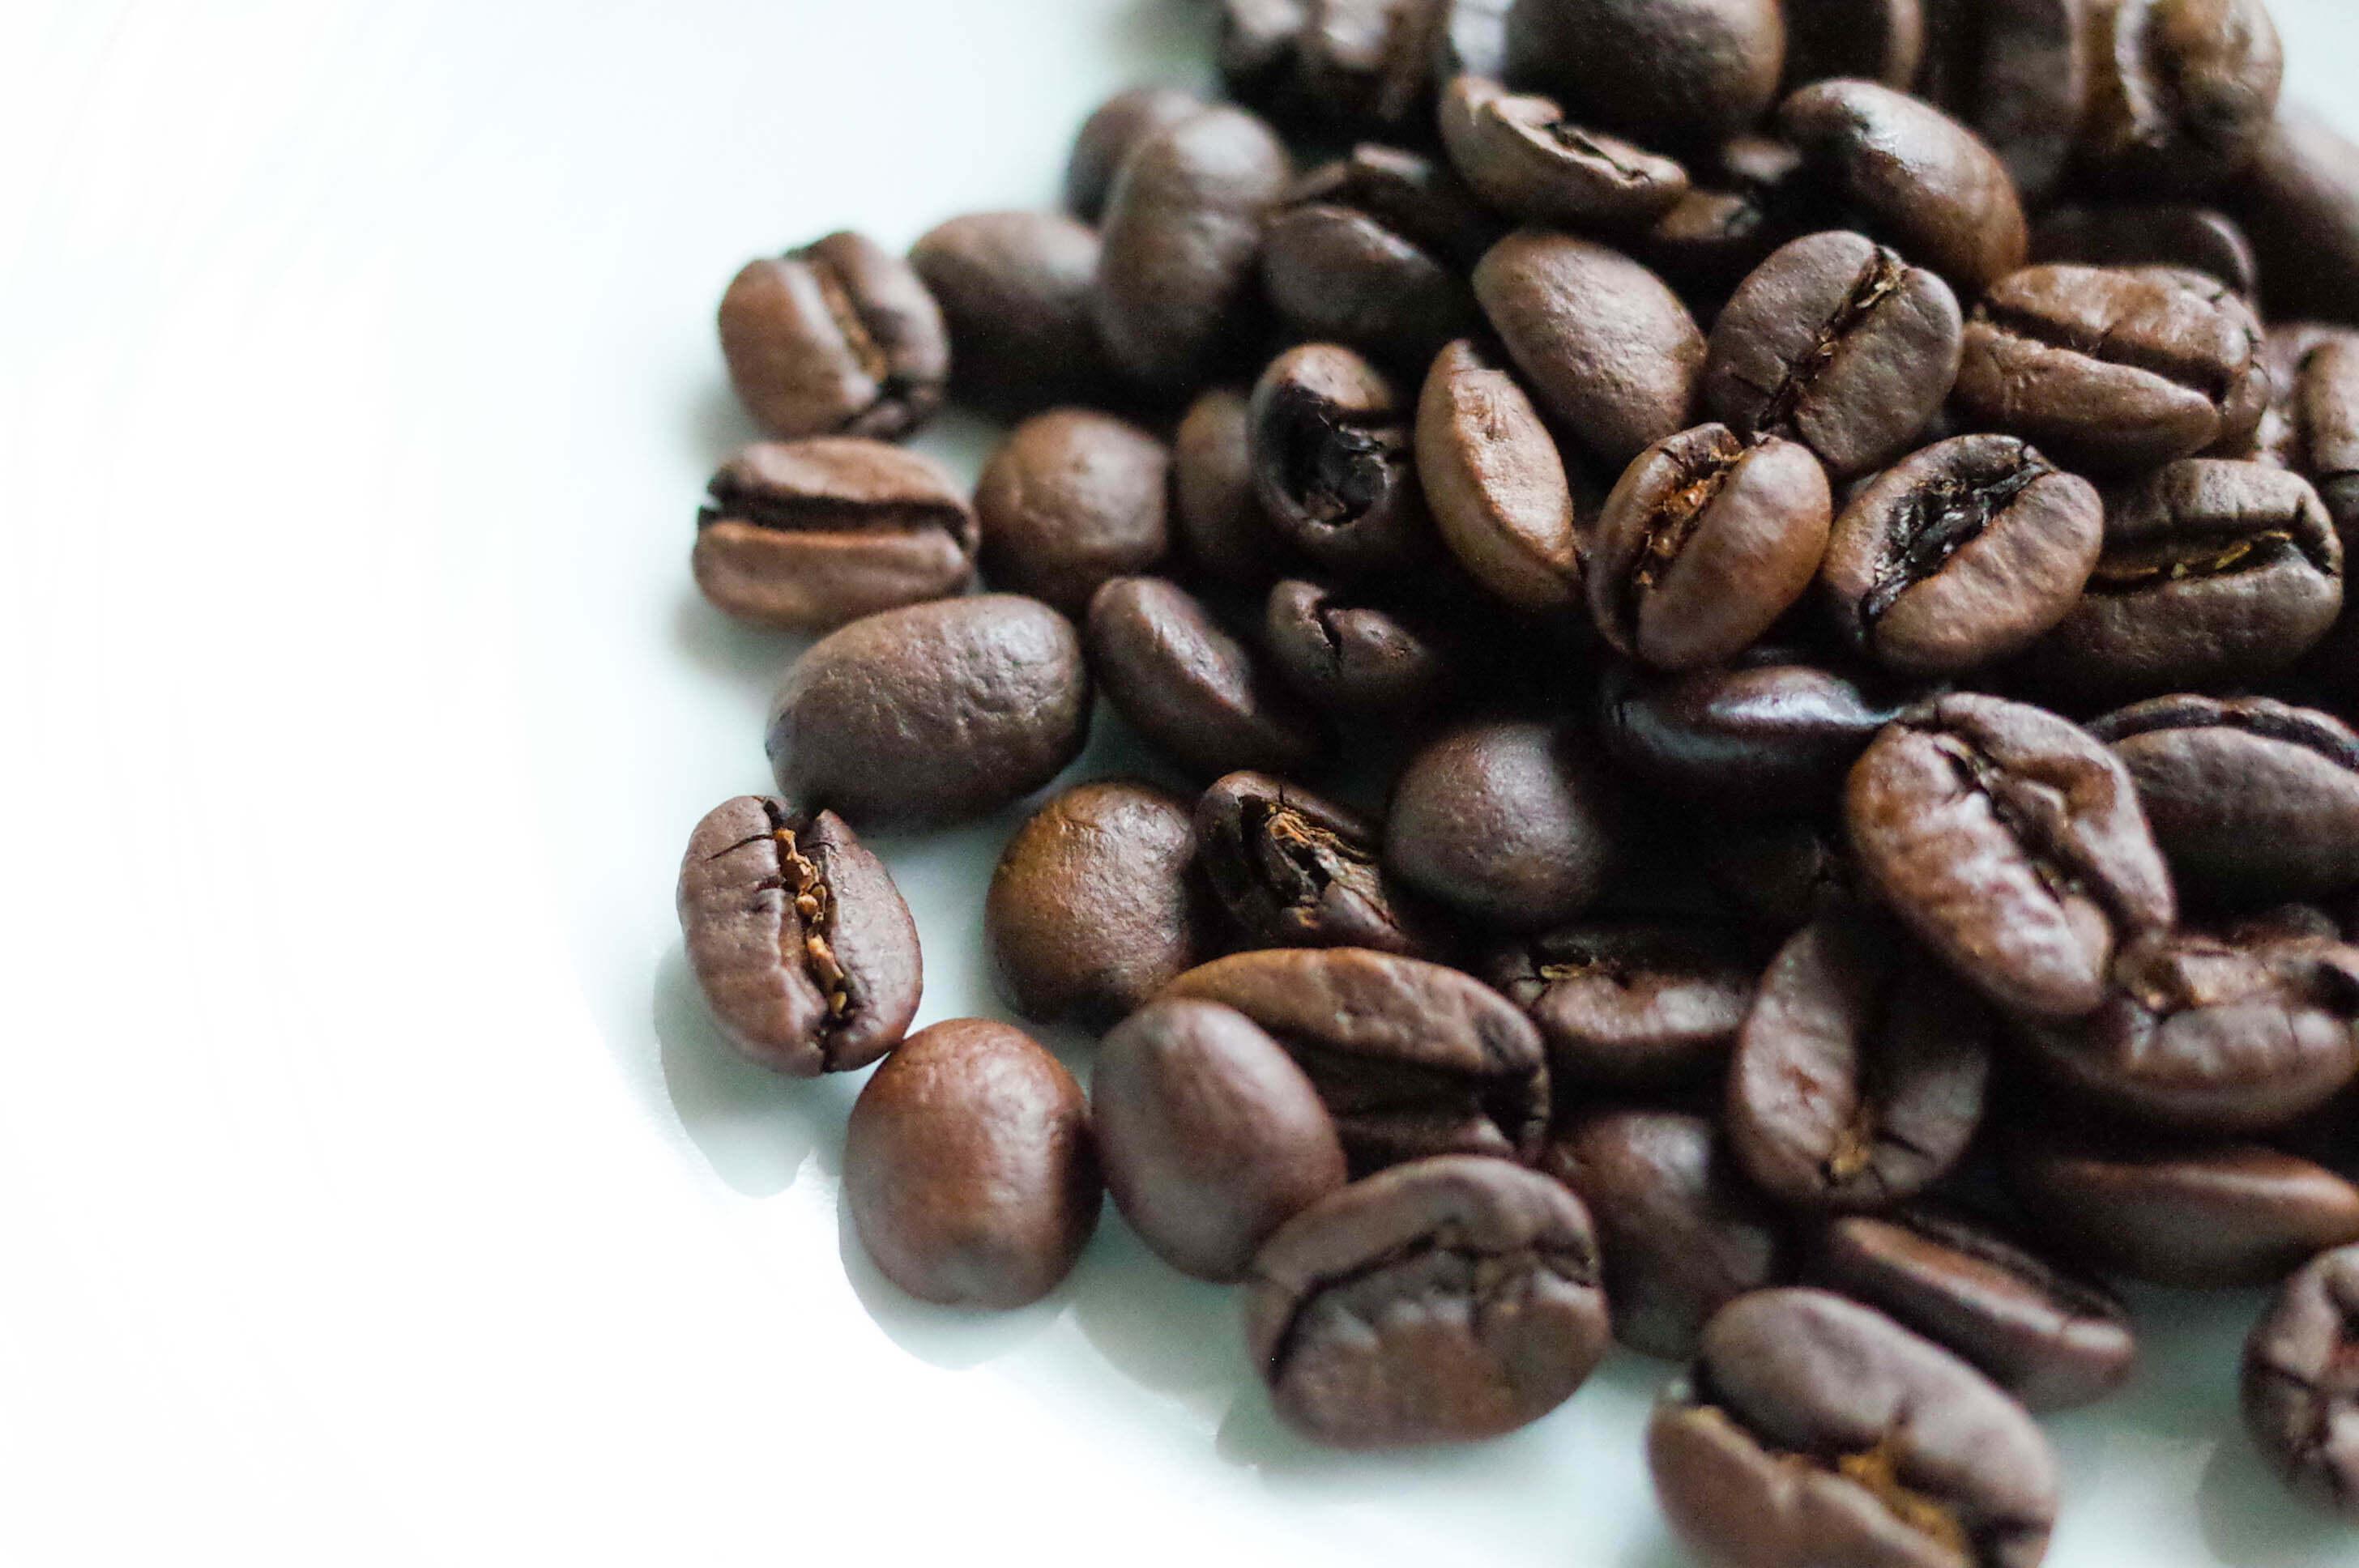 「八月の犬」1g=2円のブラジルコーヒー豆は新鮮でしっかりと膨らみます